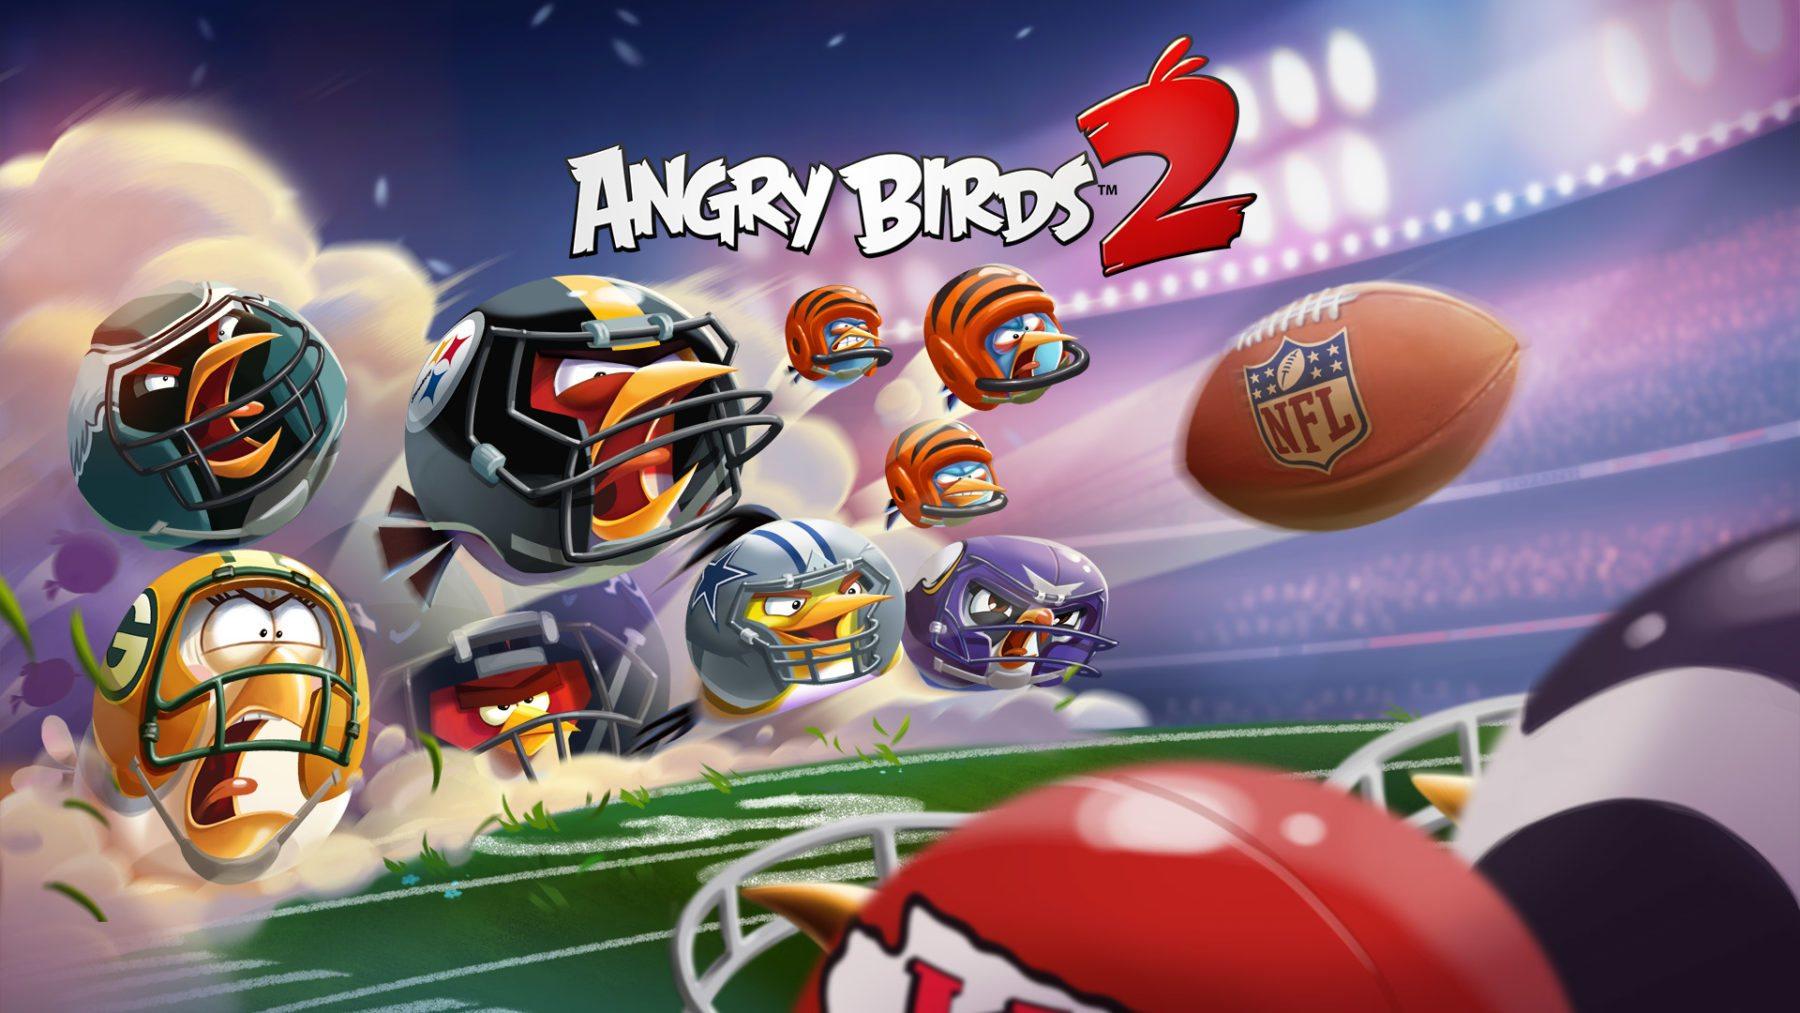 Los eventos del Super Bowl llegan a Angry Birds 2 y Angry Birds Evolution